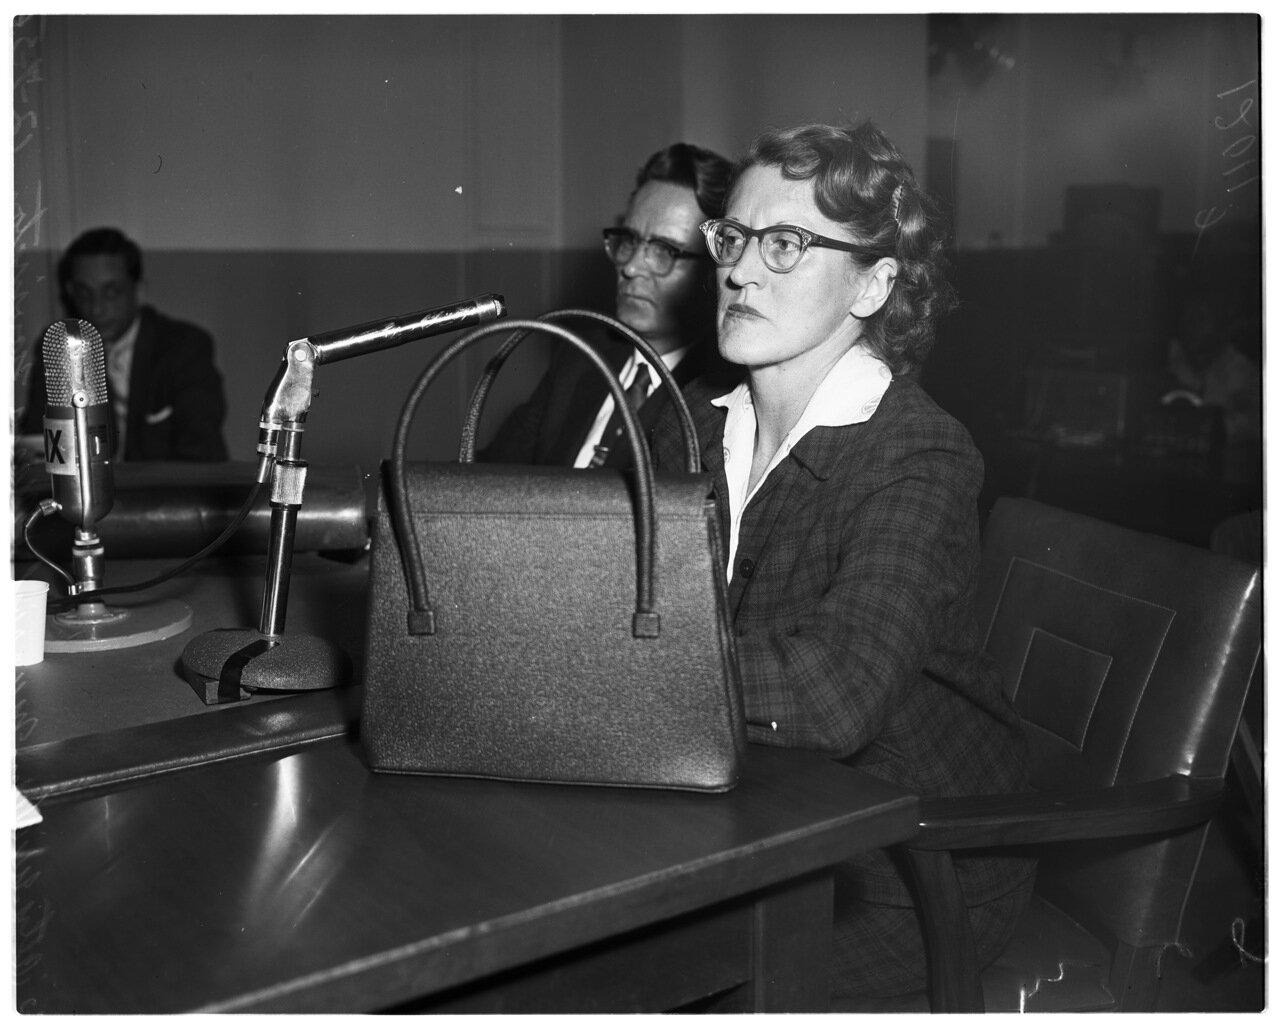 1956. 7 декабря. Комиссия по расследованию антиамериканской деятельности. адвокат Мурриш и г-жа Энн Маклернан